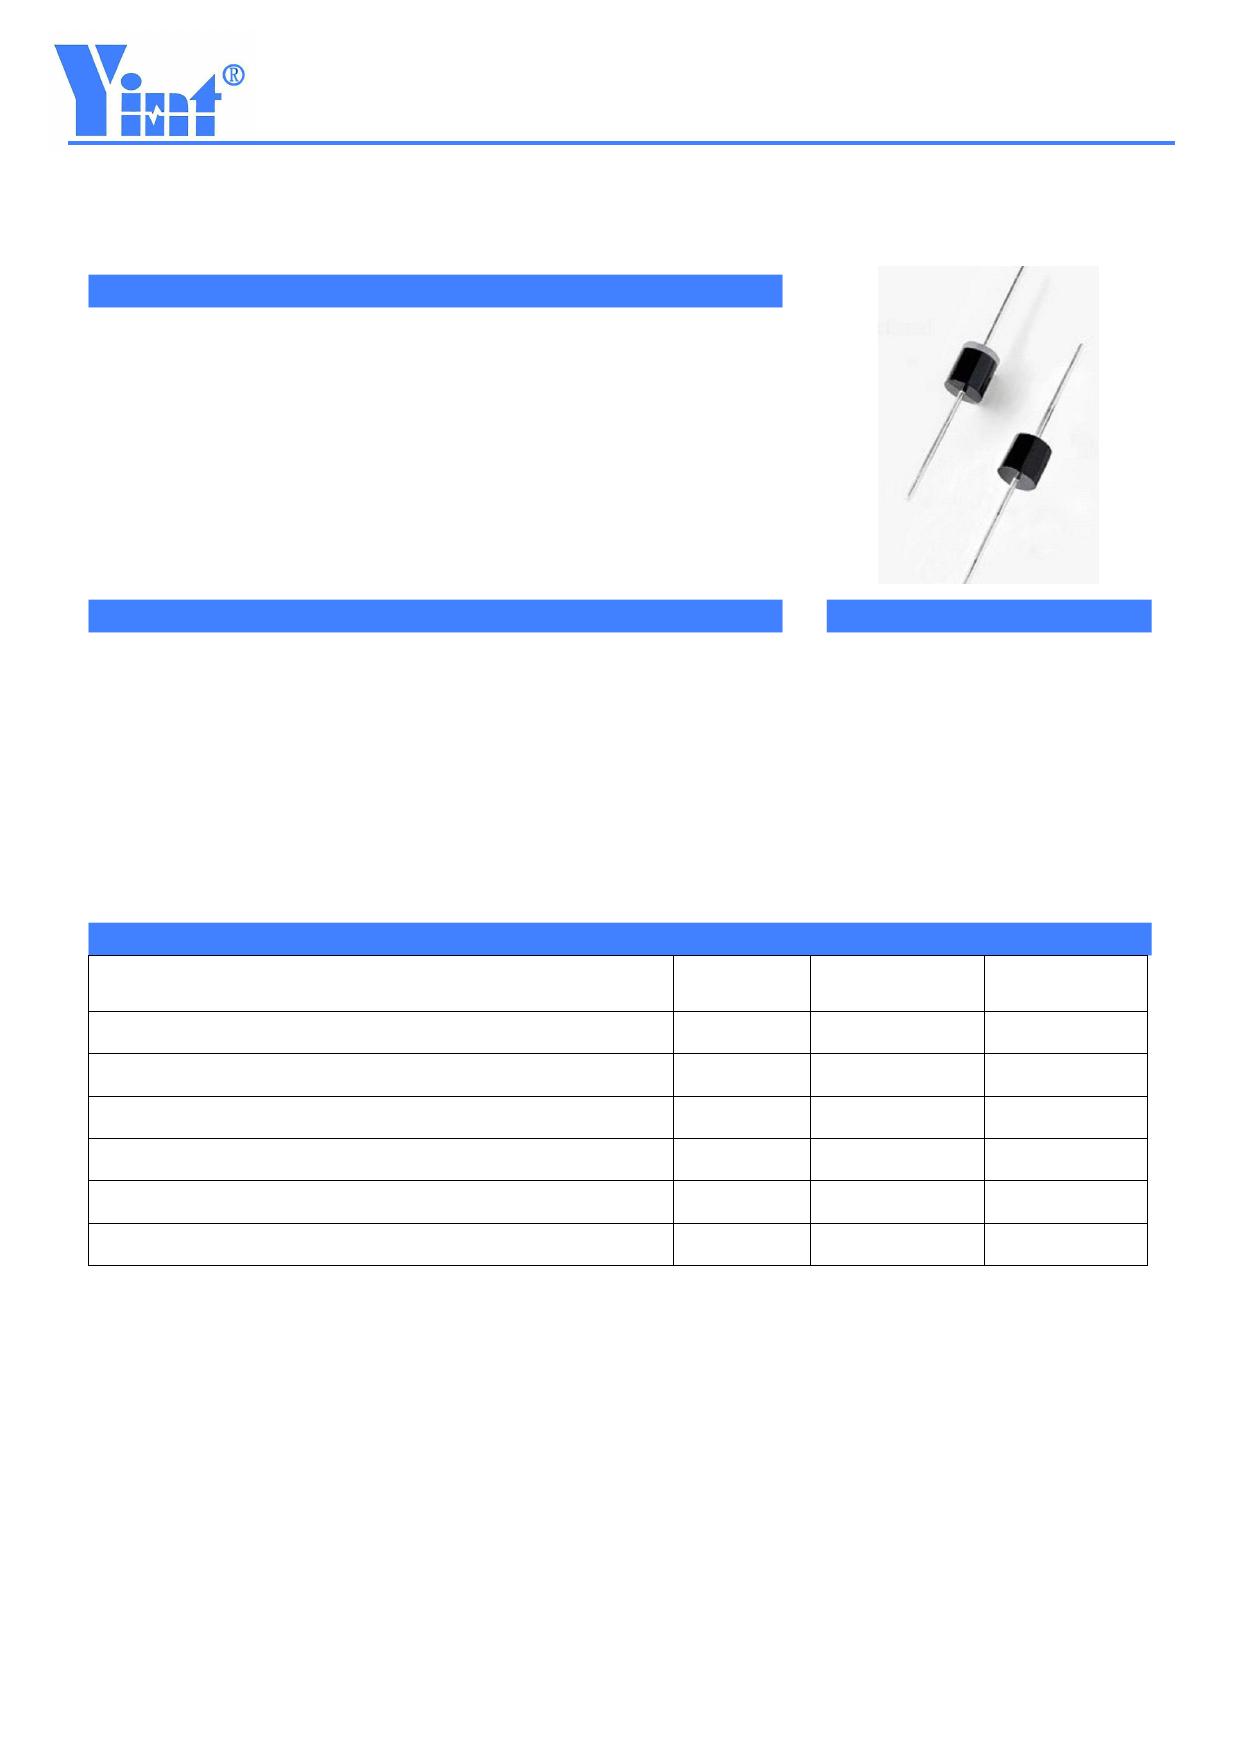 3.0KP18CA datasheet